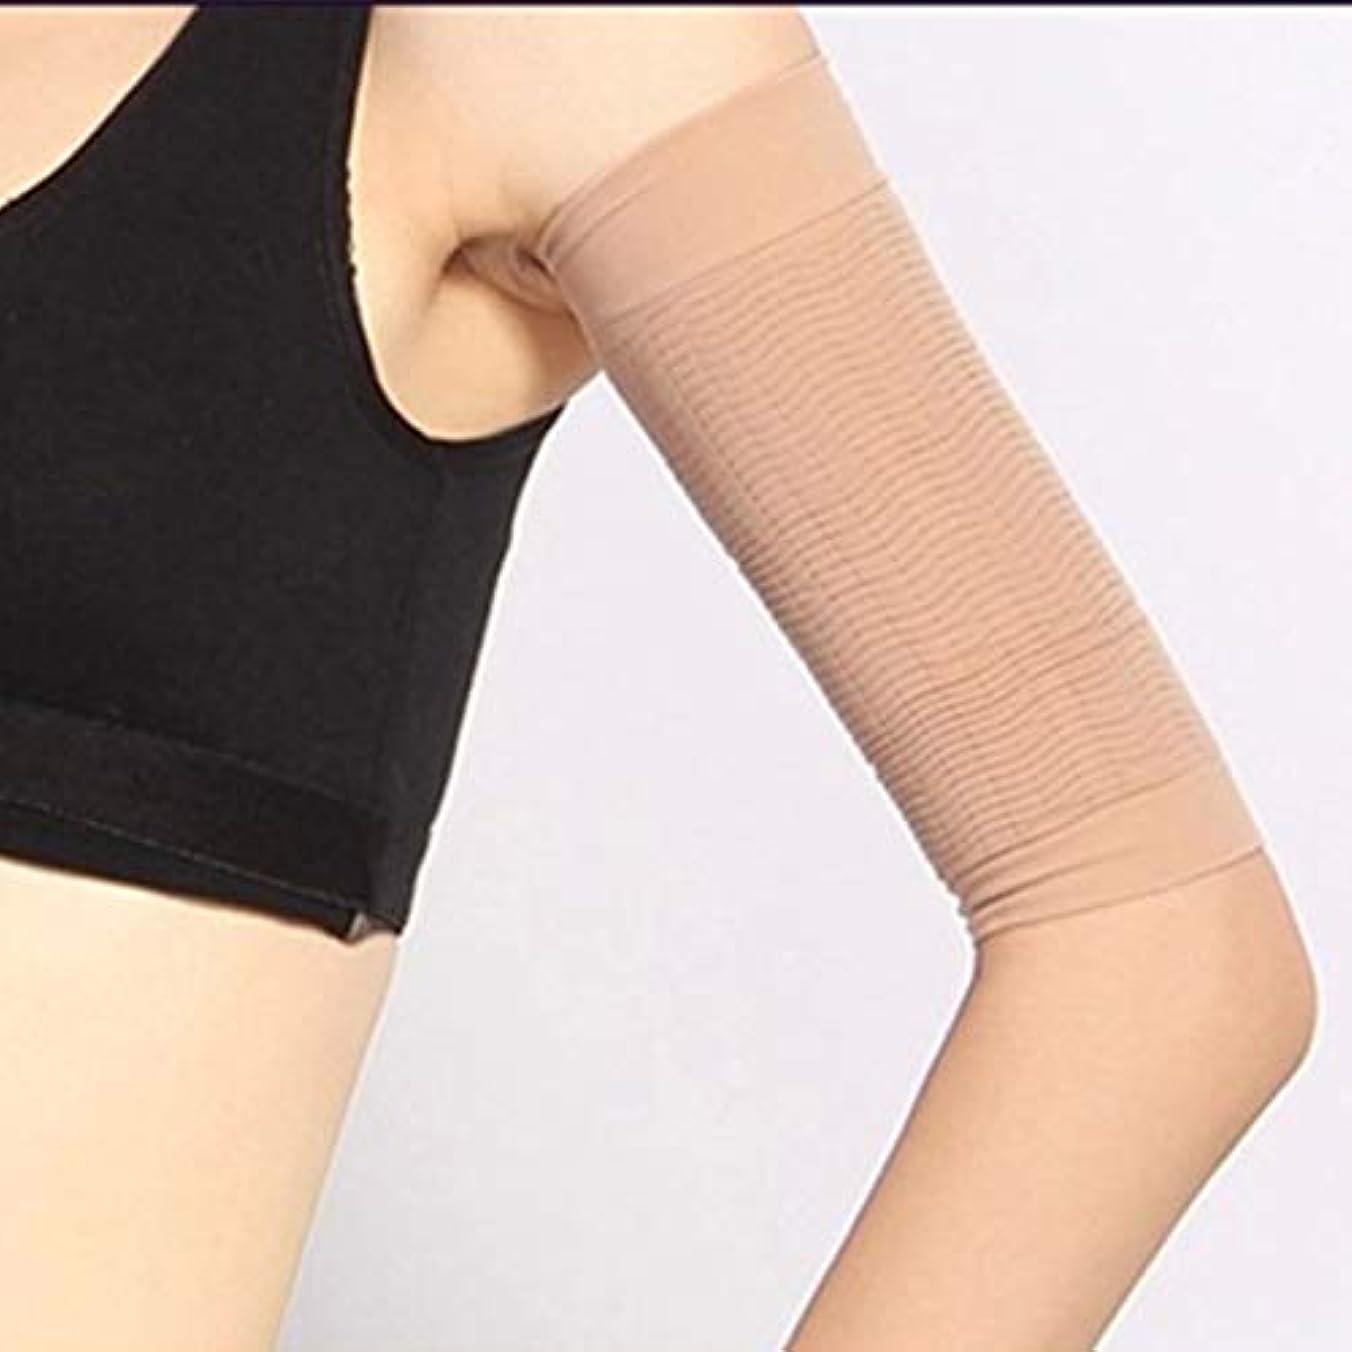 ハプニング些細なマント1ペア420 D圧縮痩身アームスリーブワークアウトトーニングバーンセルライトシェイパー脂肪燃焼袖用女性 - 肌色